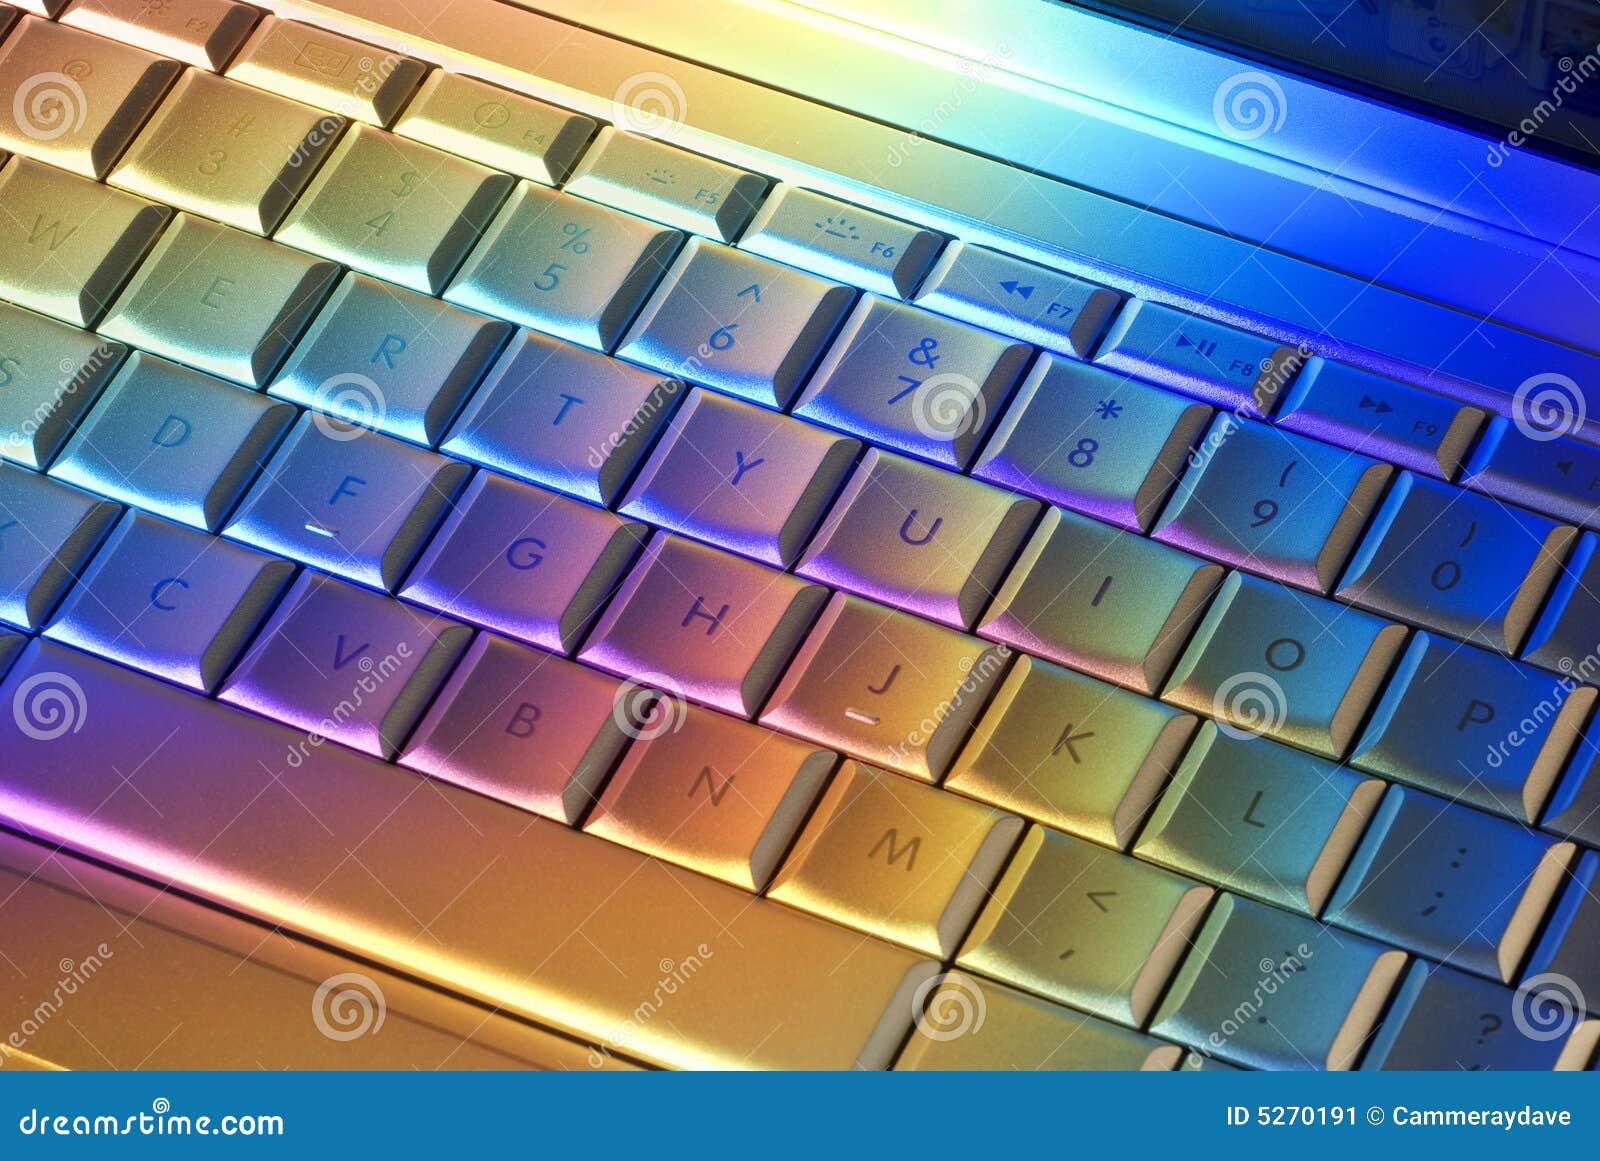 Clavier D Ordinateur Color 233 Image Stock Image 5270191